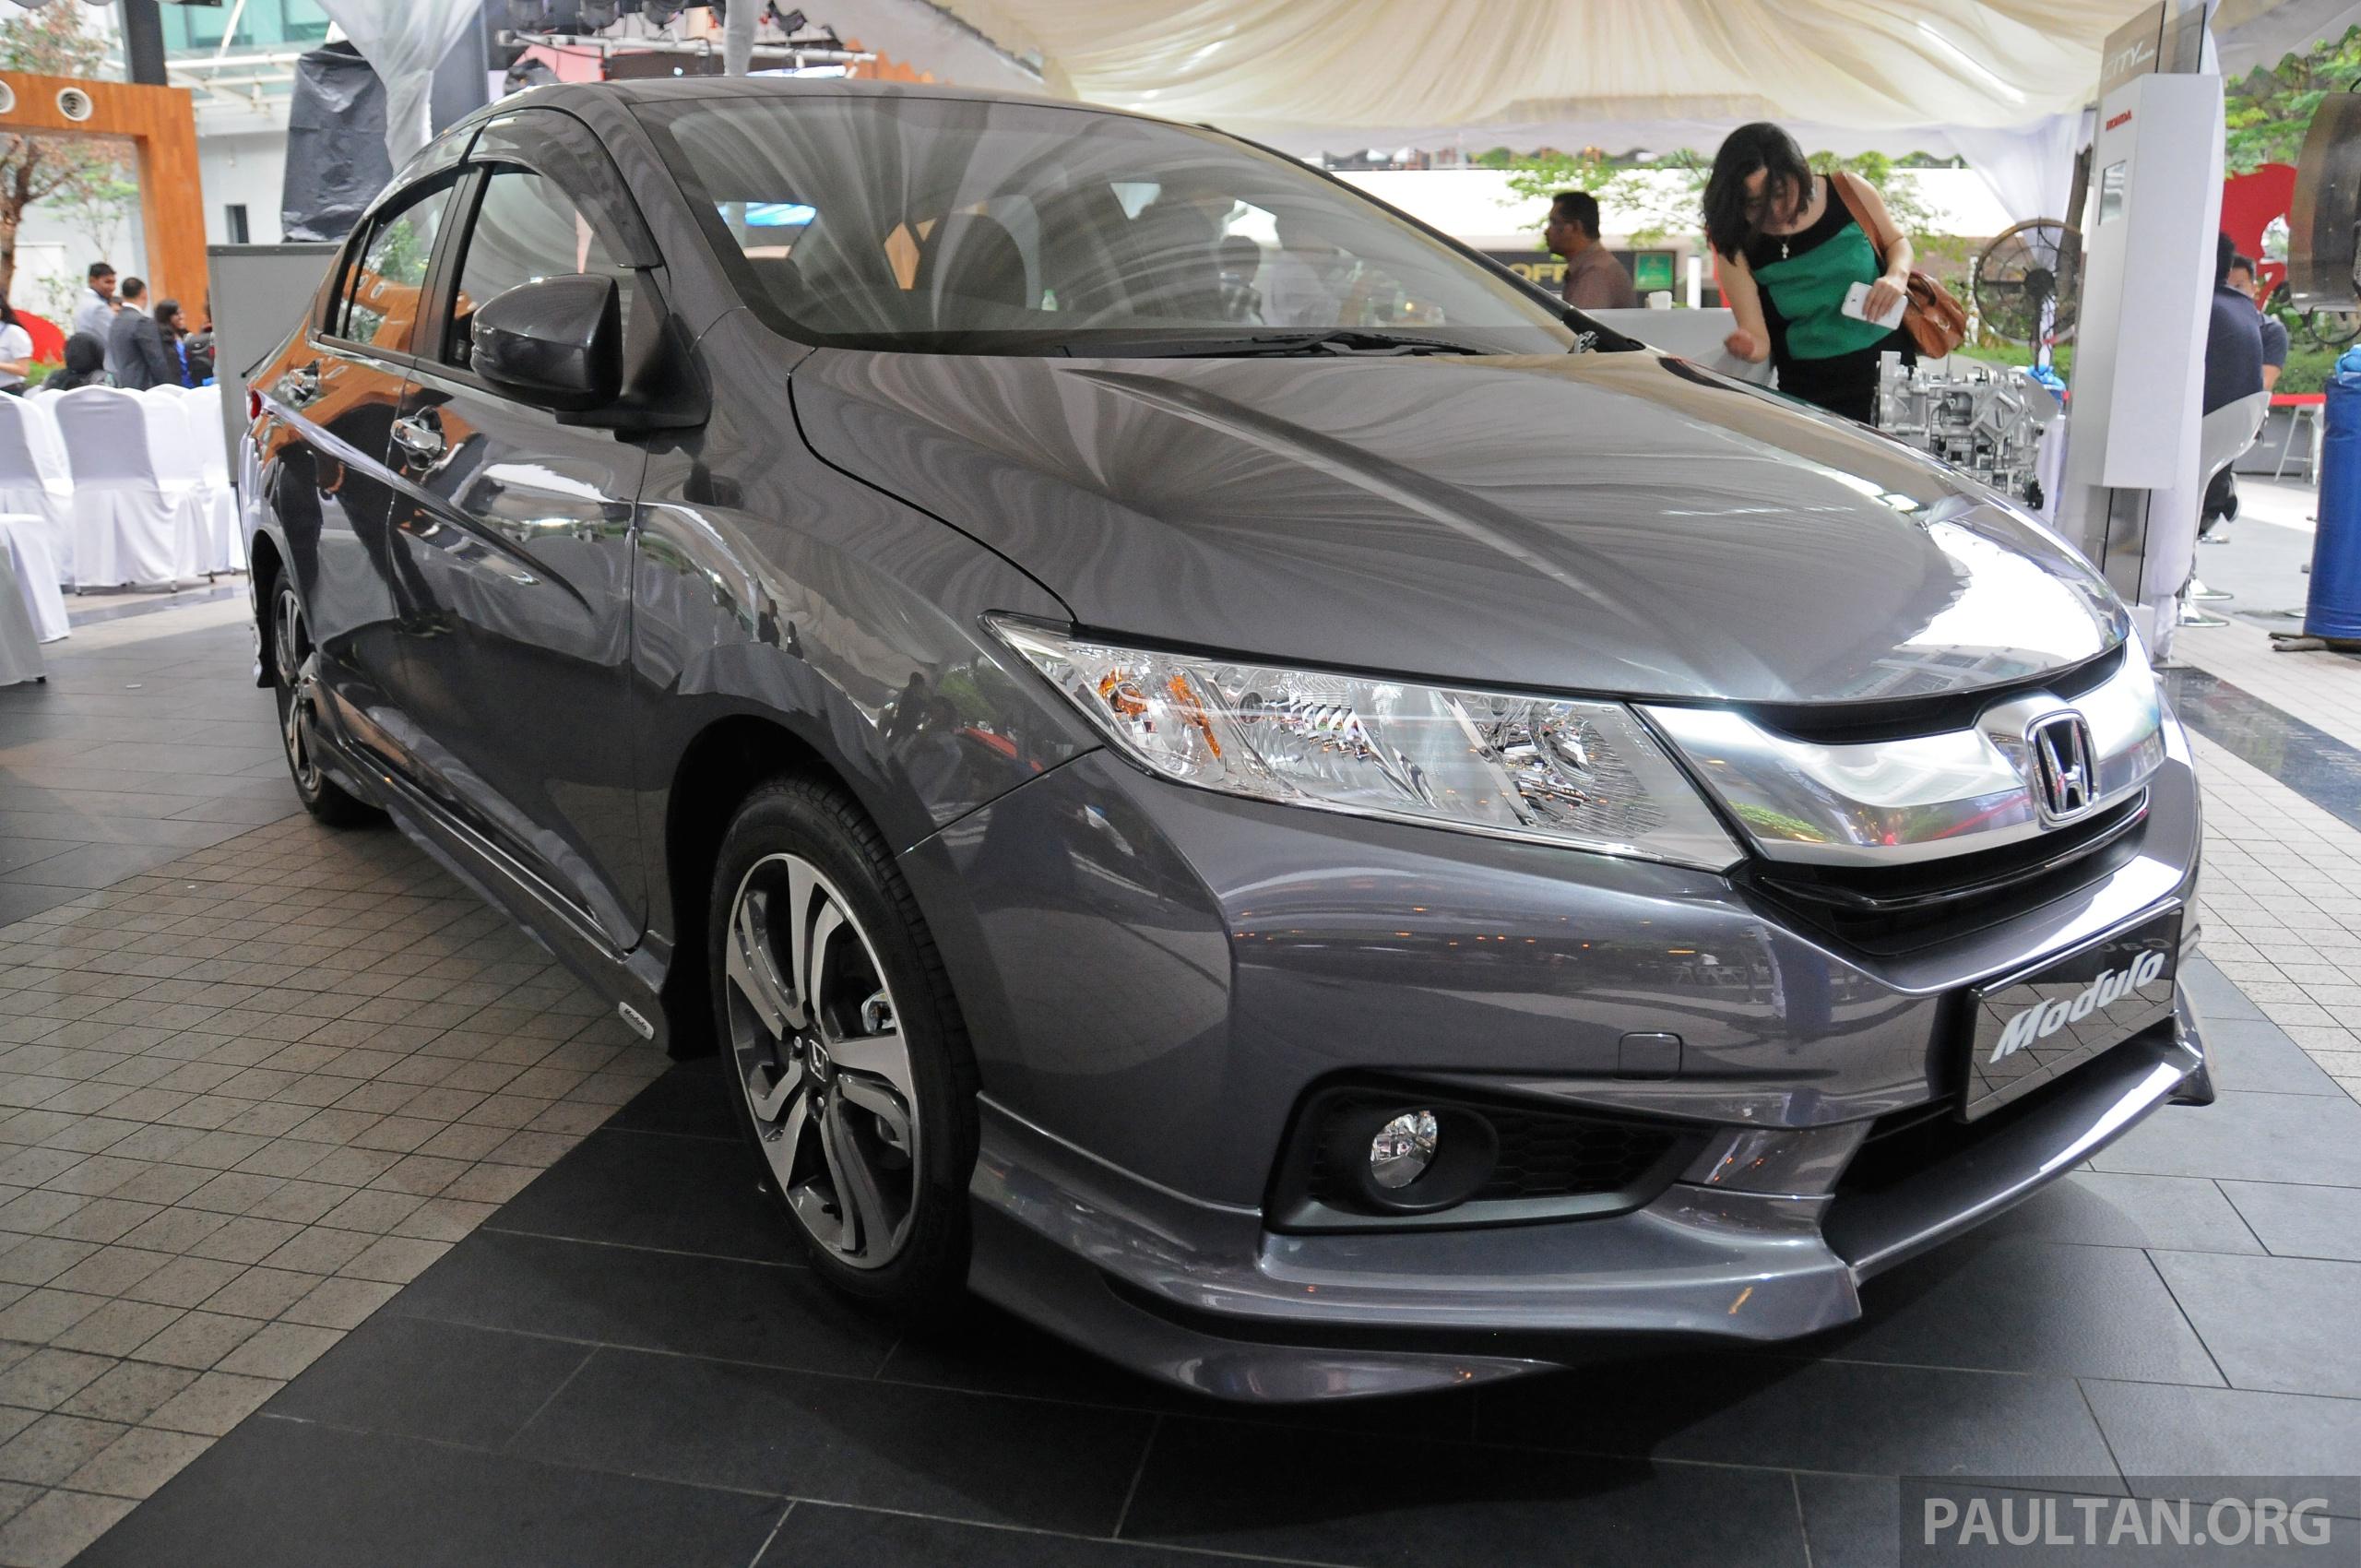 Honda City 2014 GALLERY: 2014 Honda Ci...